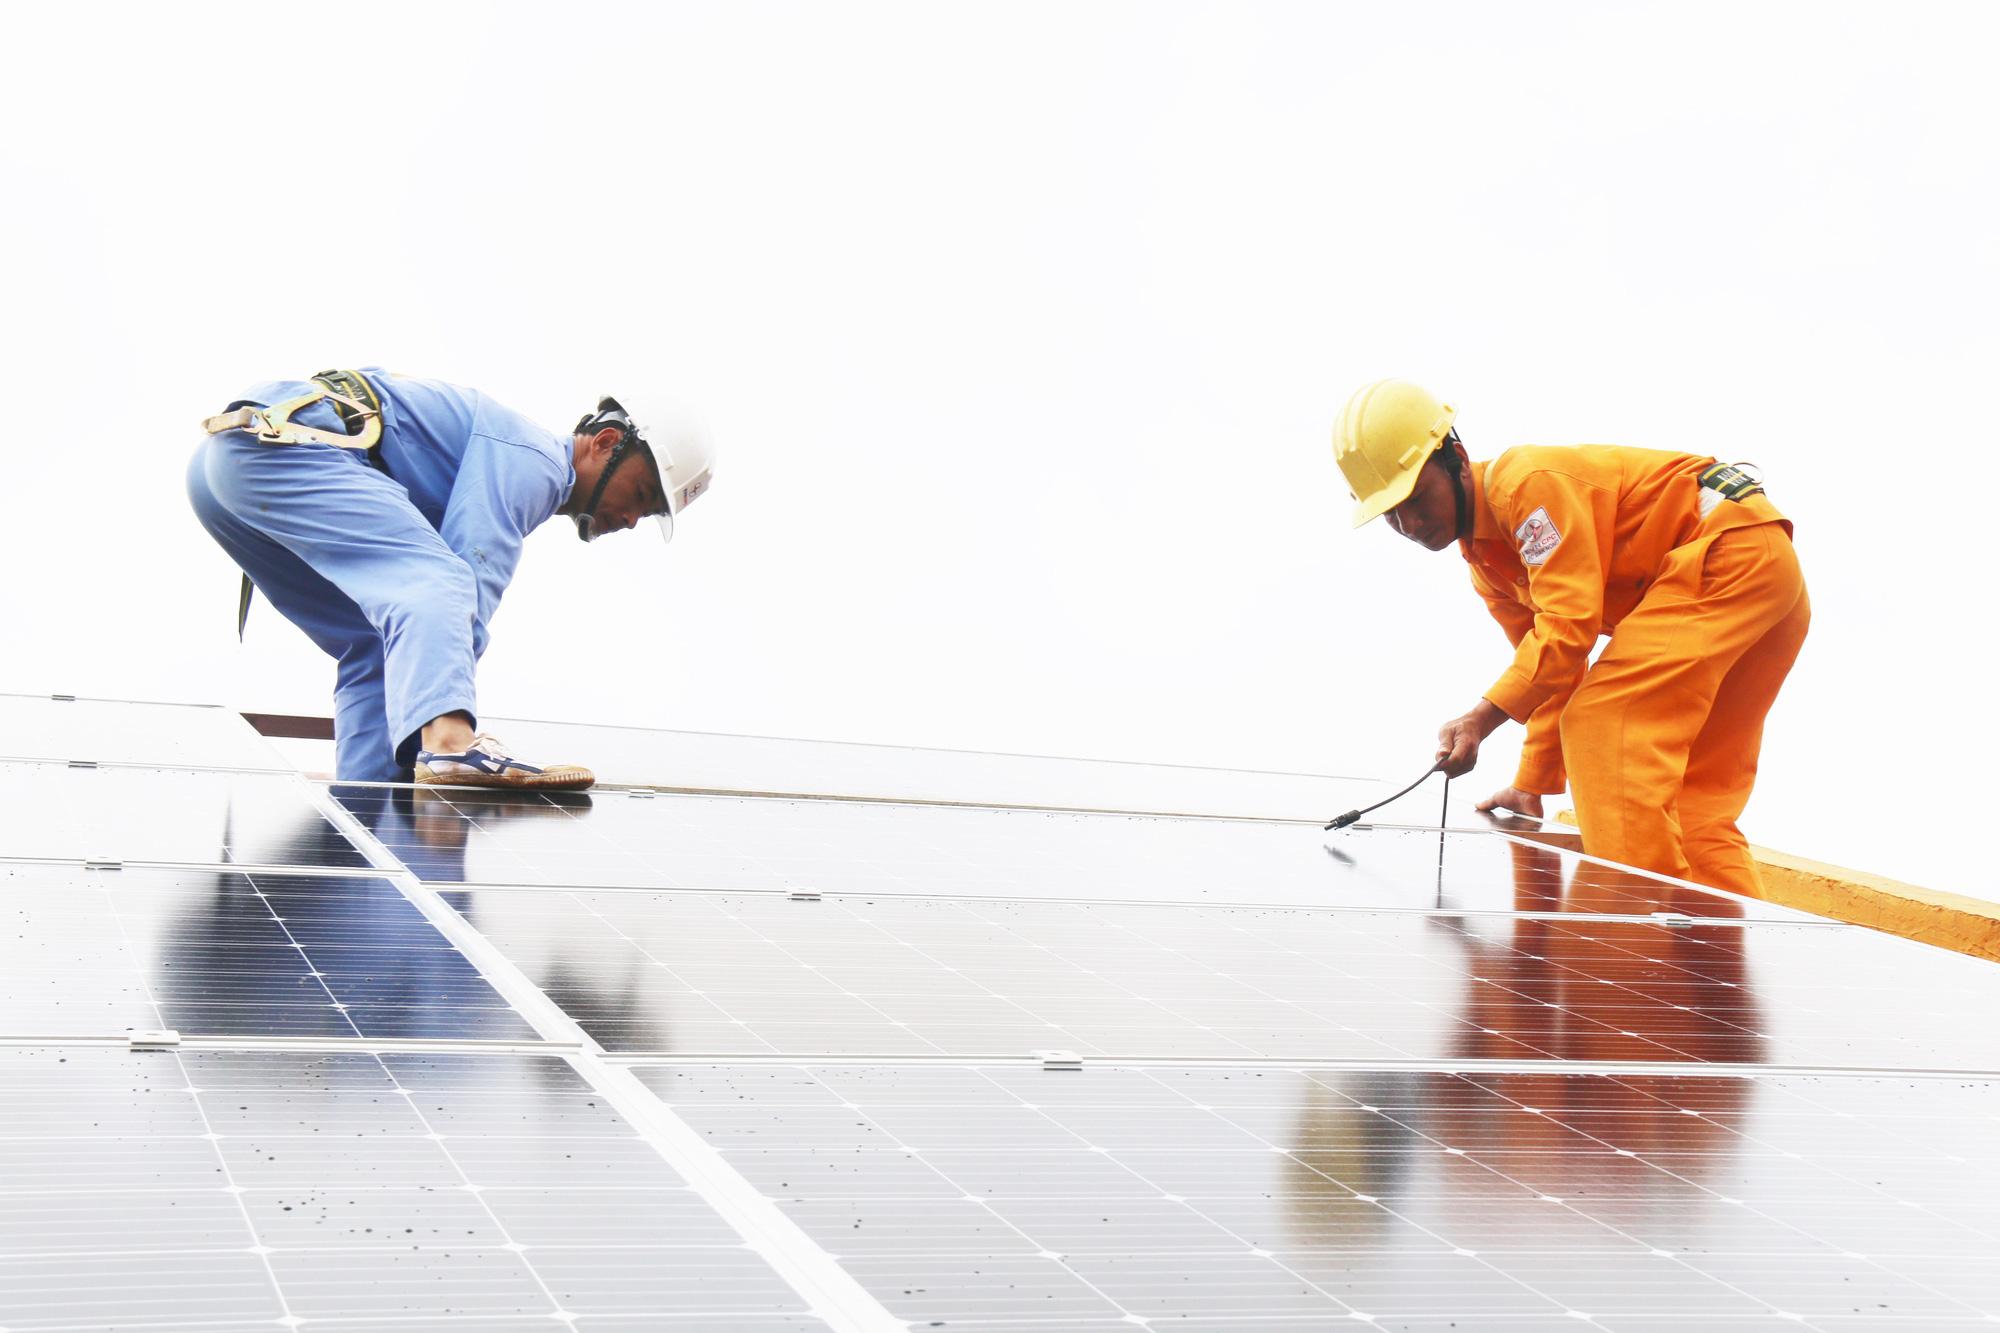 Đắk Nông: Tạo điều kiện tối đa cho khách hàng lắp đặt điện mặt trời - Ảnh 4.